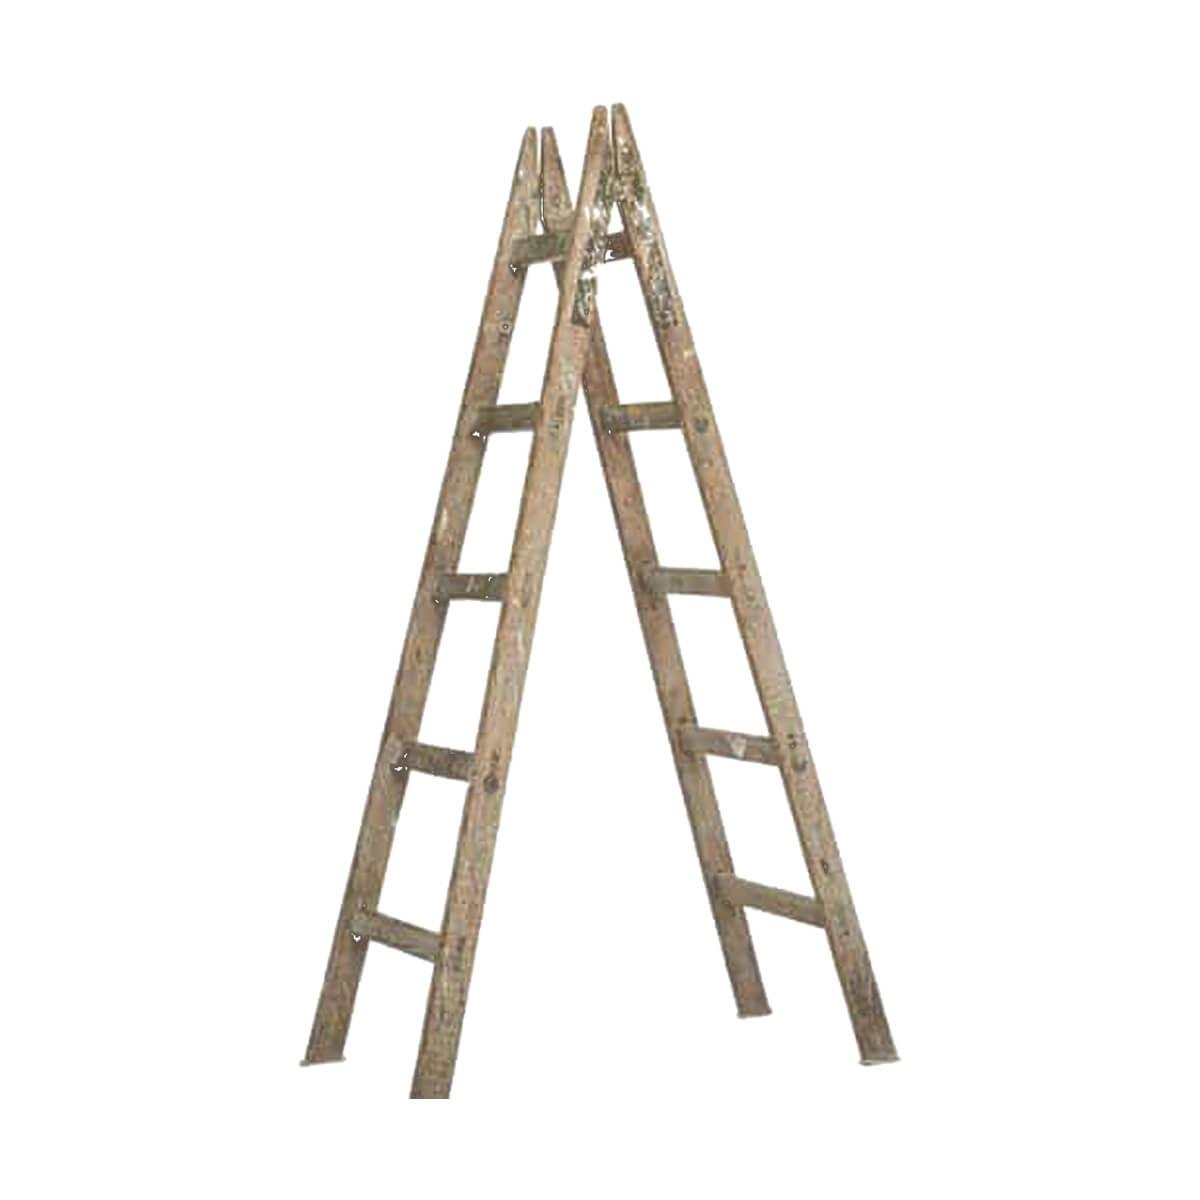 نردبان چوبی (نقاشی) دوطرفه